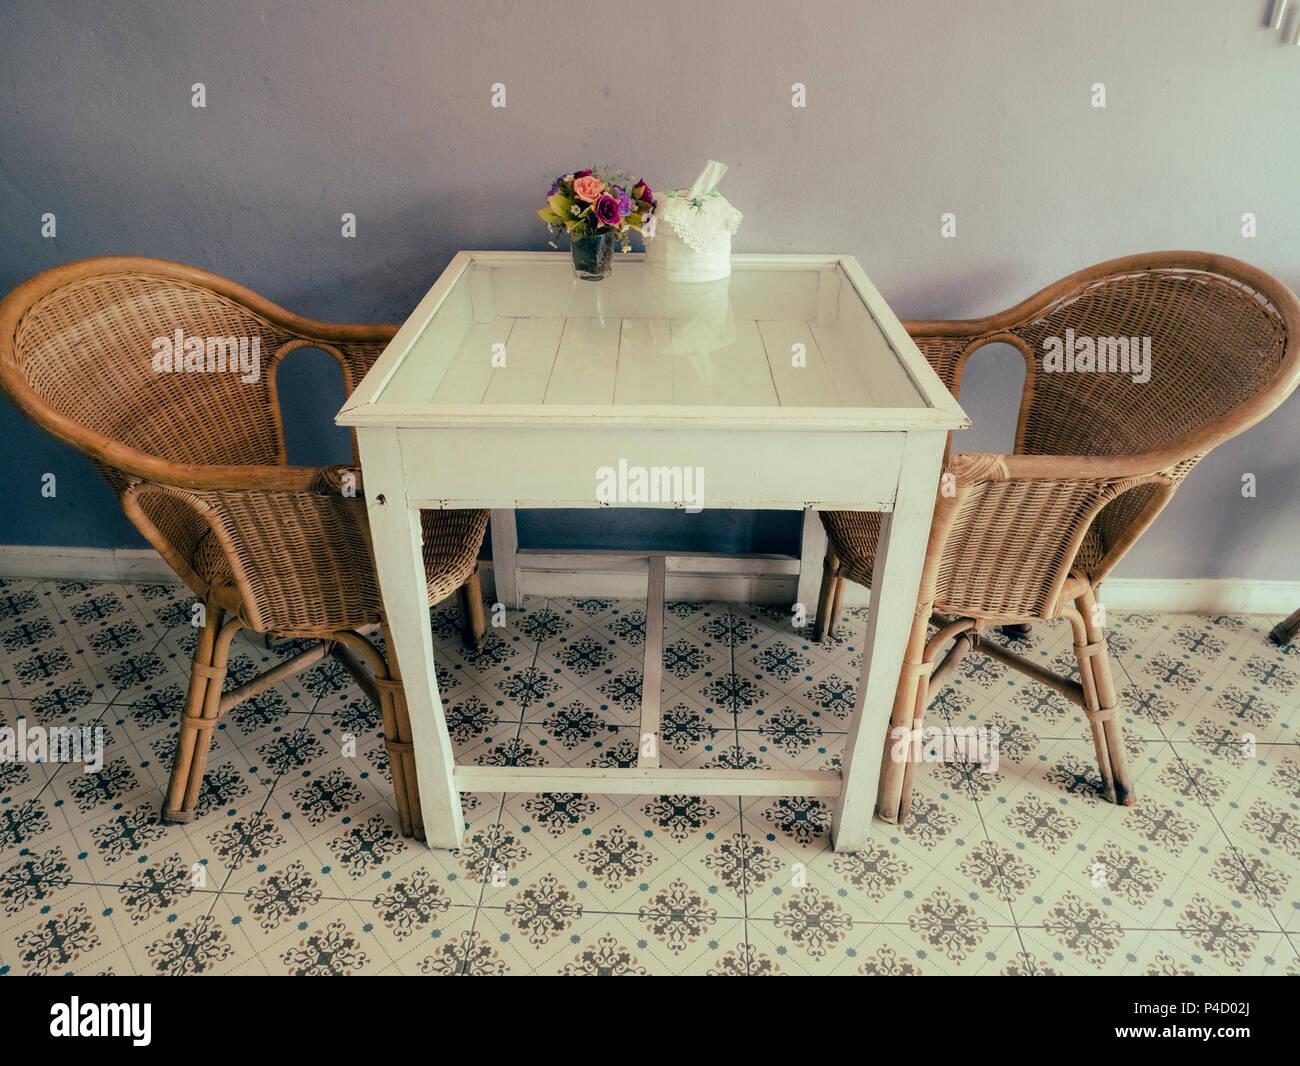 Sedie Bianche E Legno : Sedie di rattan e legno bianco tabella in camera foto & immagine